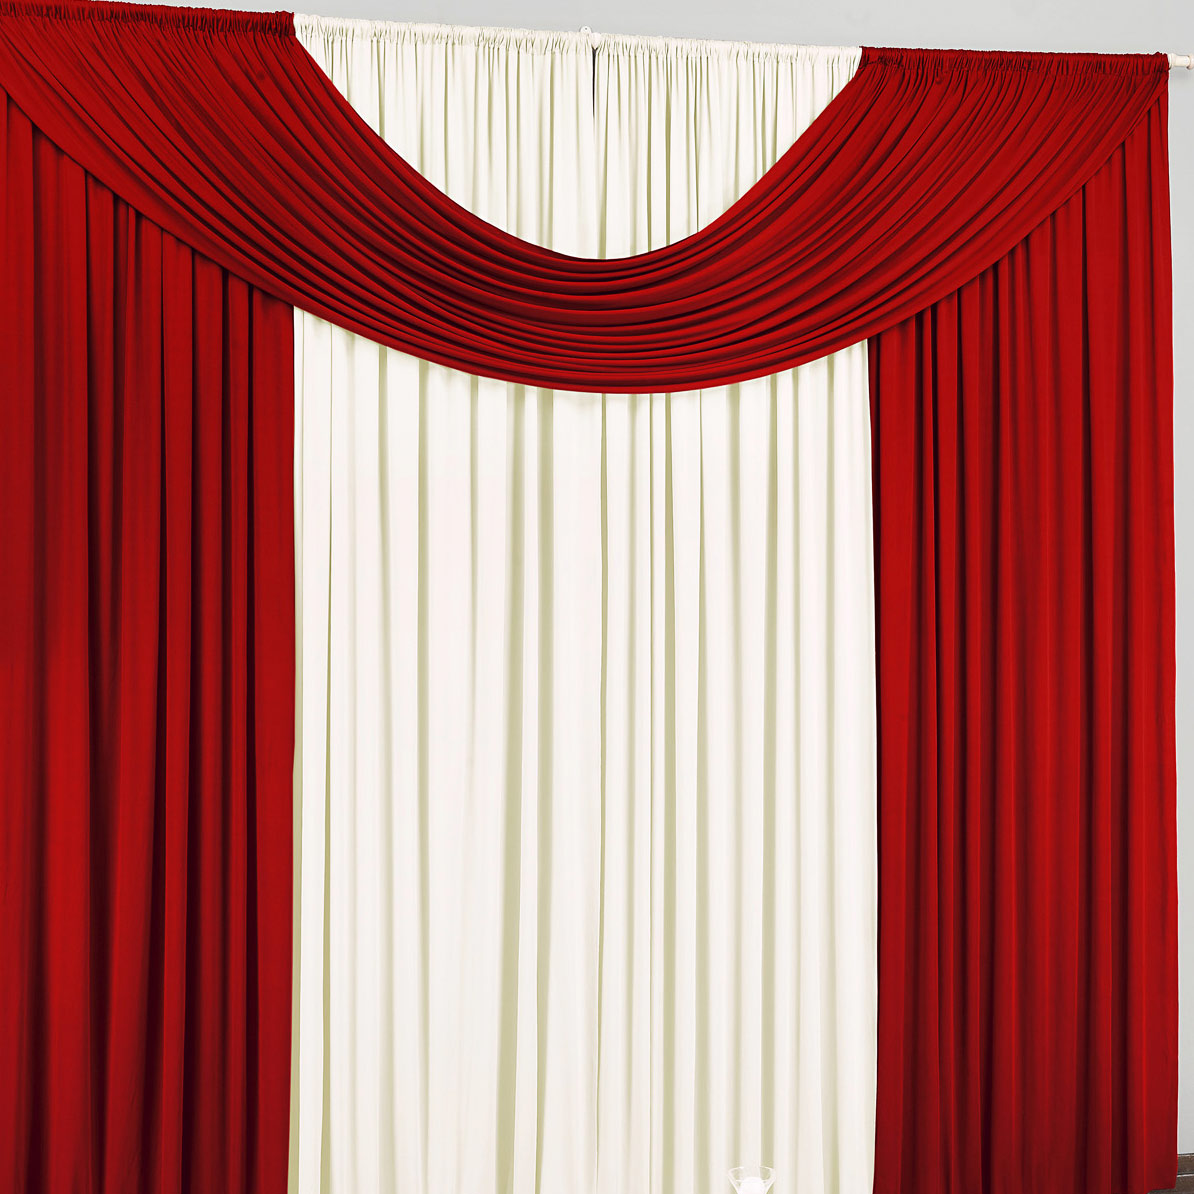 Cortina para Sala e Quarto Vermelho e Palha 4 metros em Malha varão Simples - Cortina Cristal